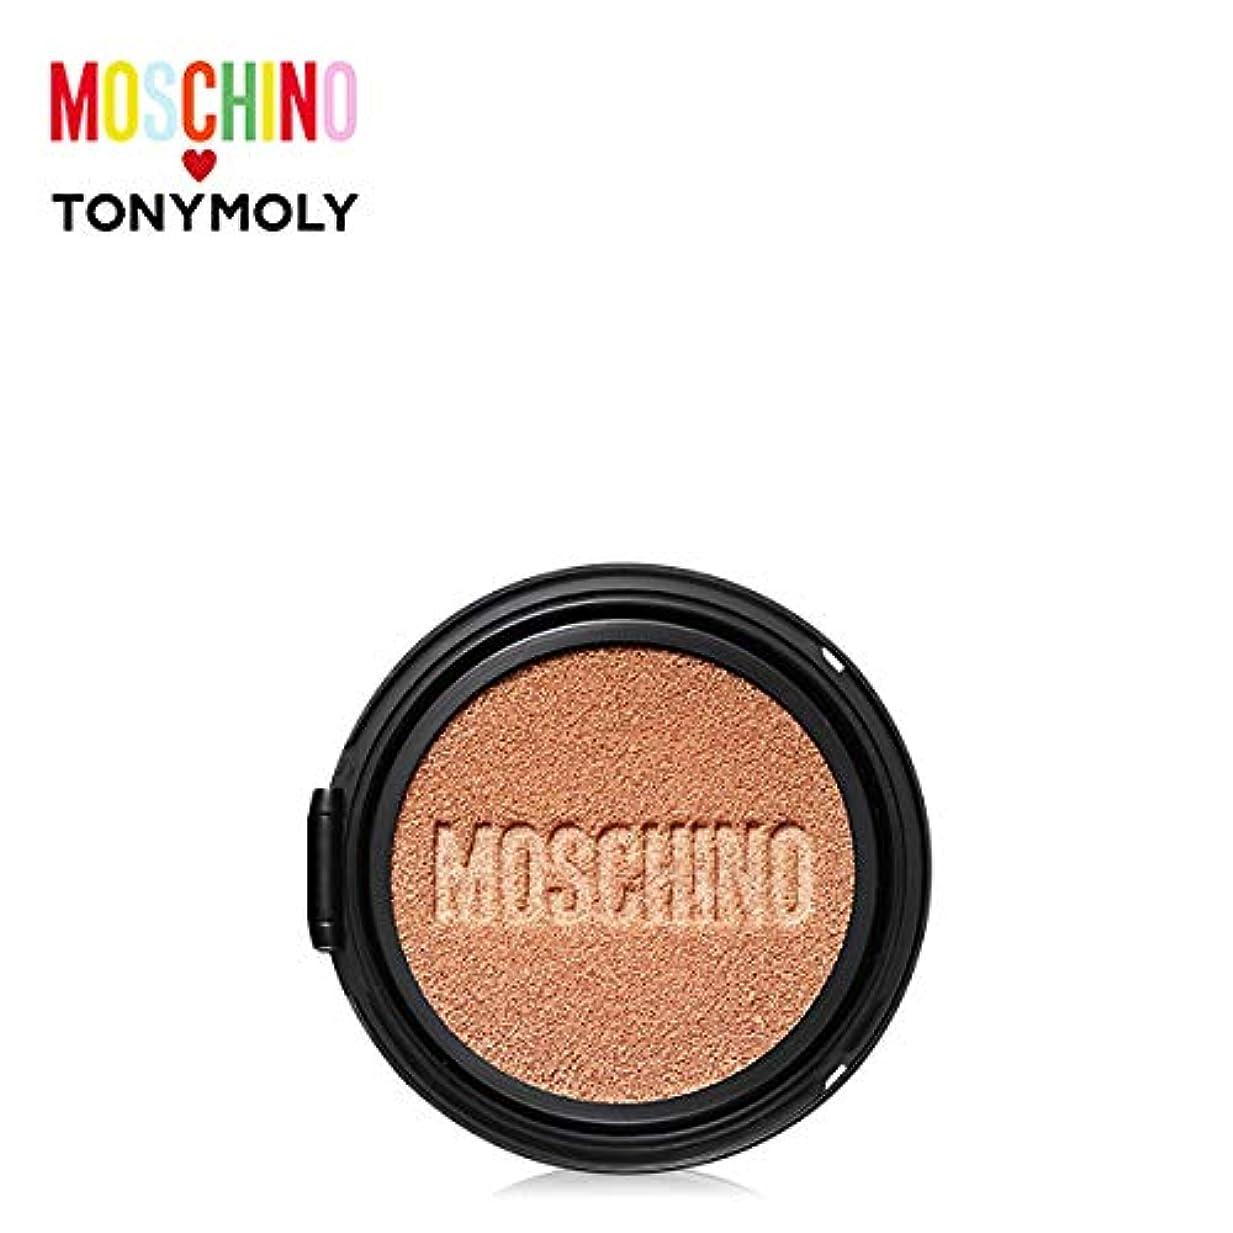 富不利益序文TONYMOLY [MOSCHINO Edition] Gold Edition Chic Skin Cushion -Refill #01 CHIC VANILLA トニーモリー [モスキーノ] ゴールドエディション...